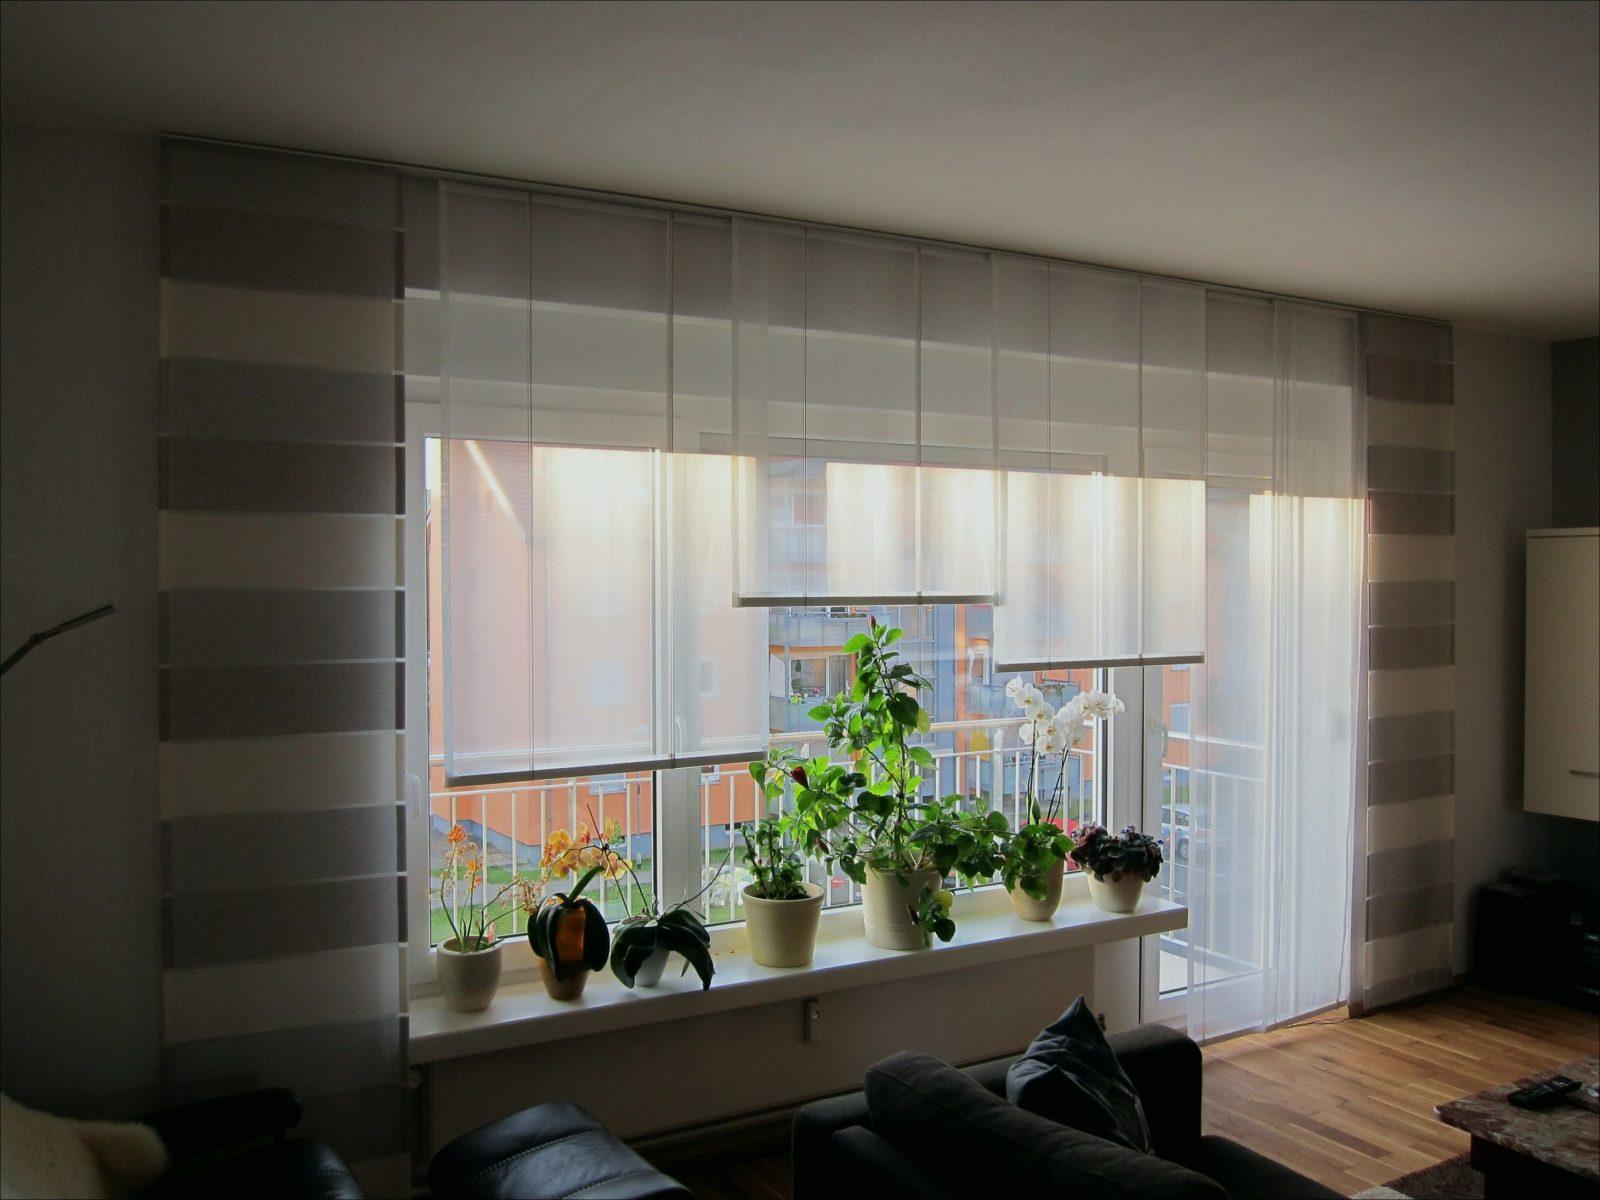 Gardinen Balkontür Und Fenster Modern Gut Und Makellos Ausgezeichnet von Gardinen Für Balkontür Und Fenster Bild